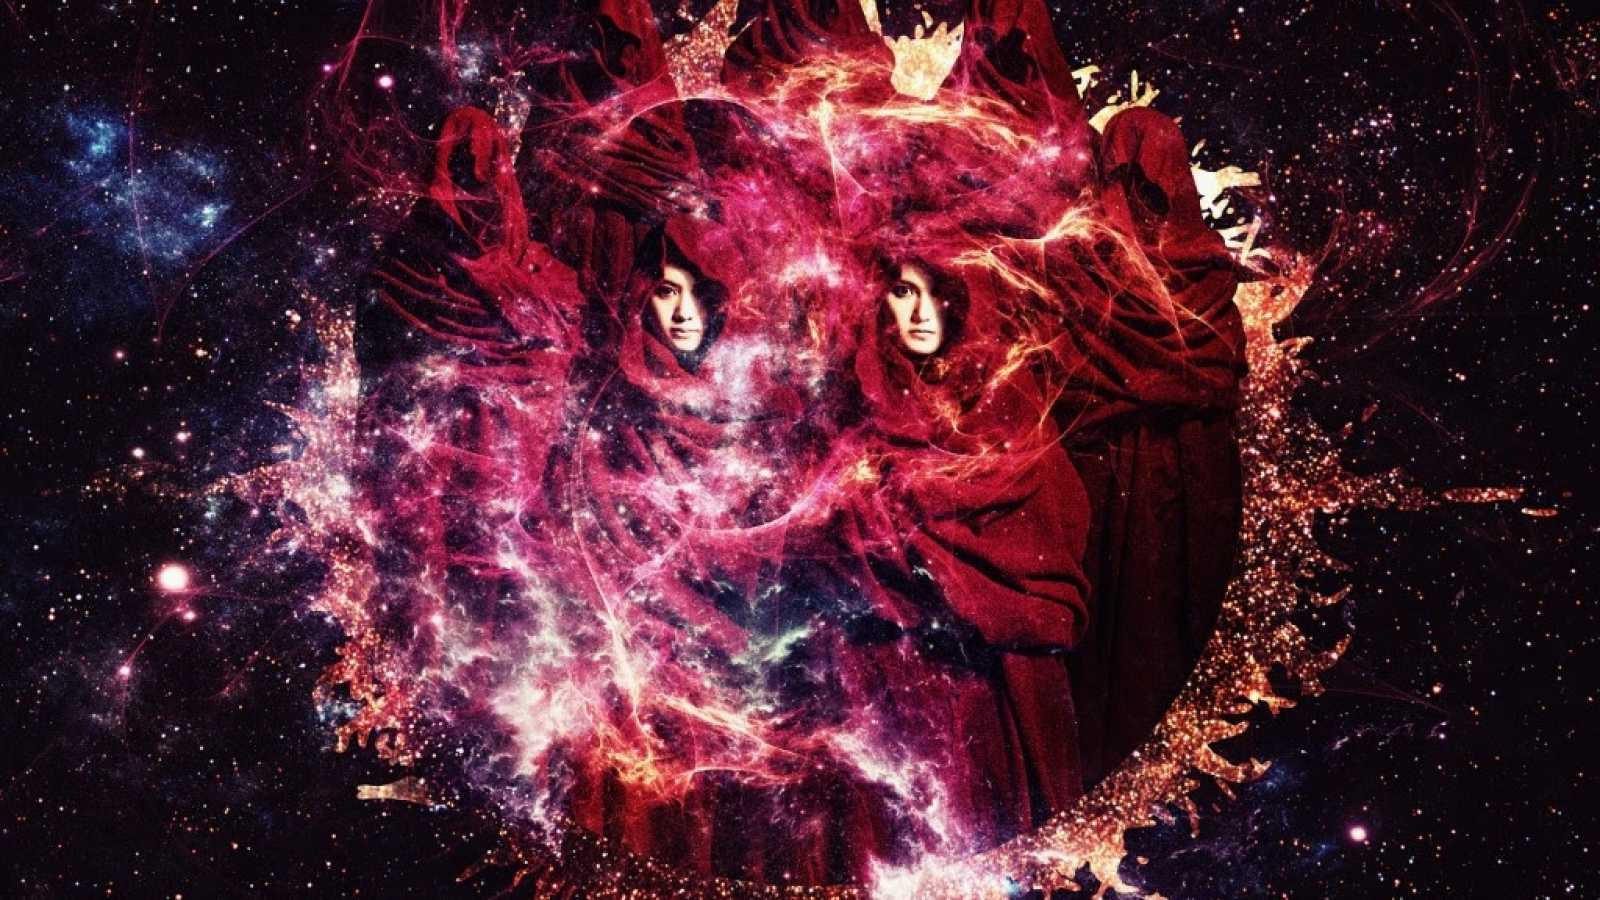 BABYMETAL привезут в Россию новый альбом © BABYMETAL. All rights reserved.